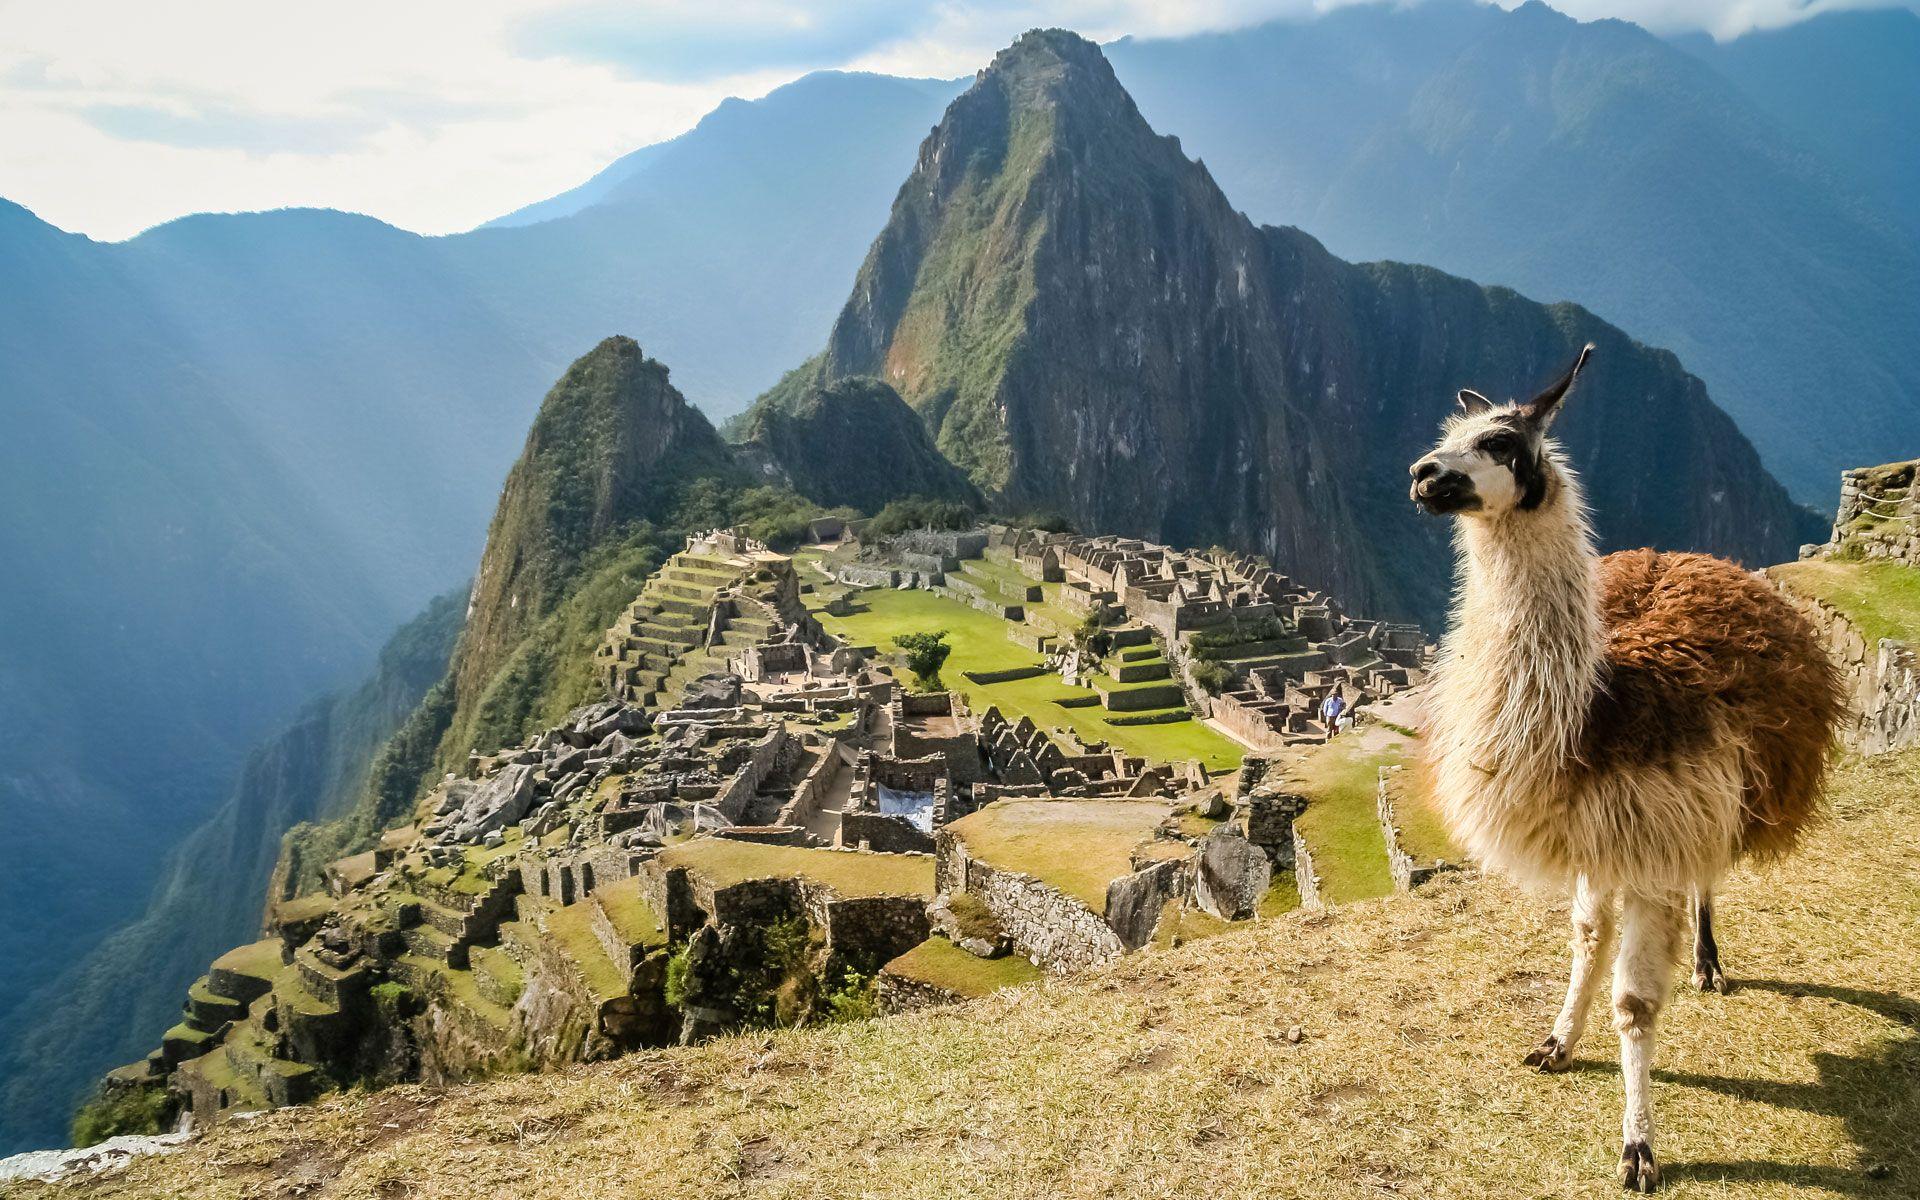 10. Peru